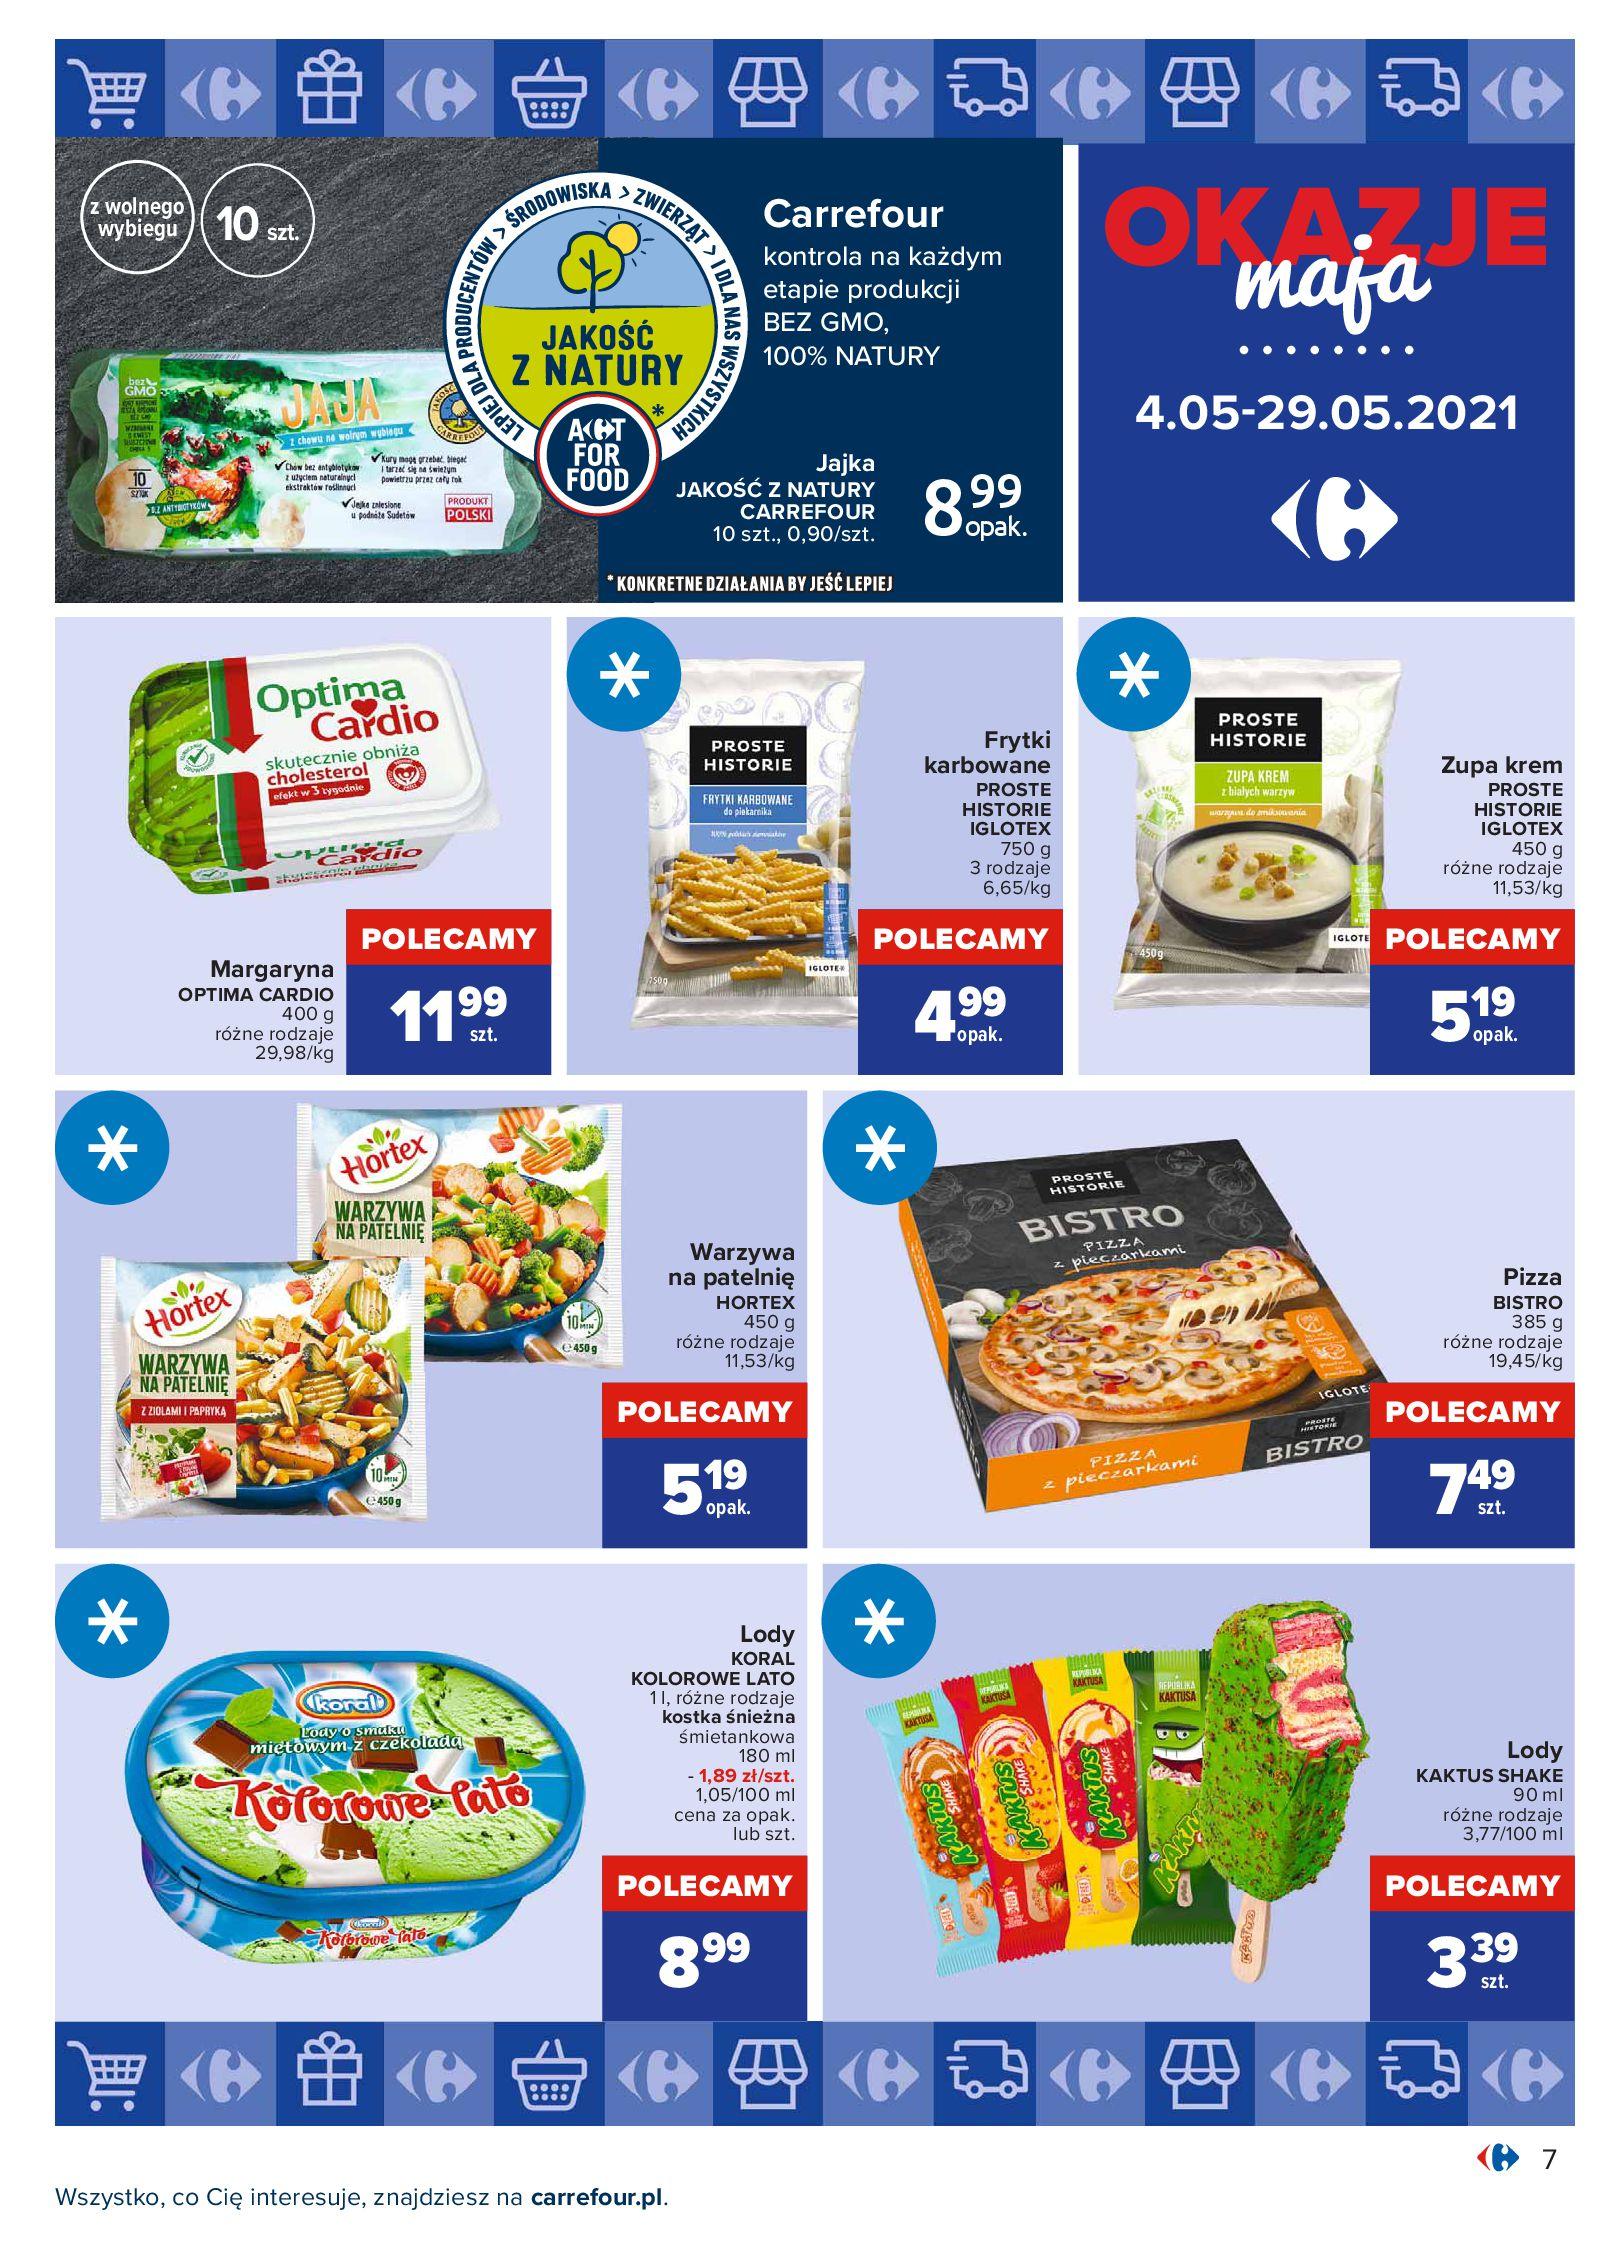 Gazetka Carrefour: Okazje maja 2021-05-04 page-7